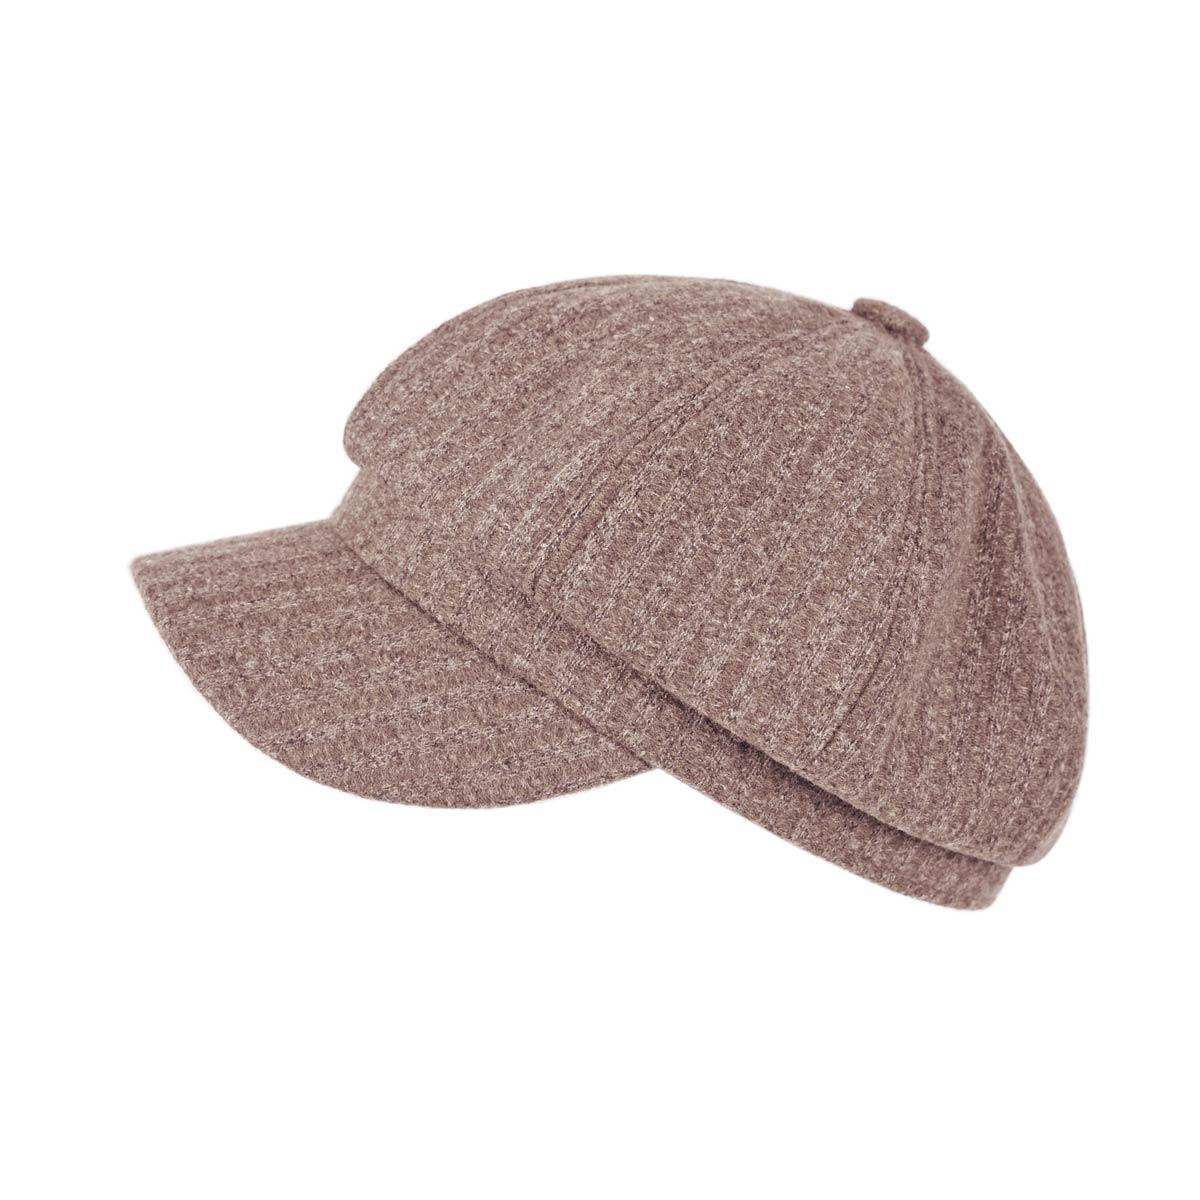 CP-01625-F12-casquette-femme-beige